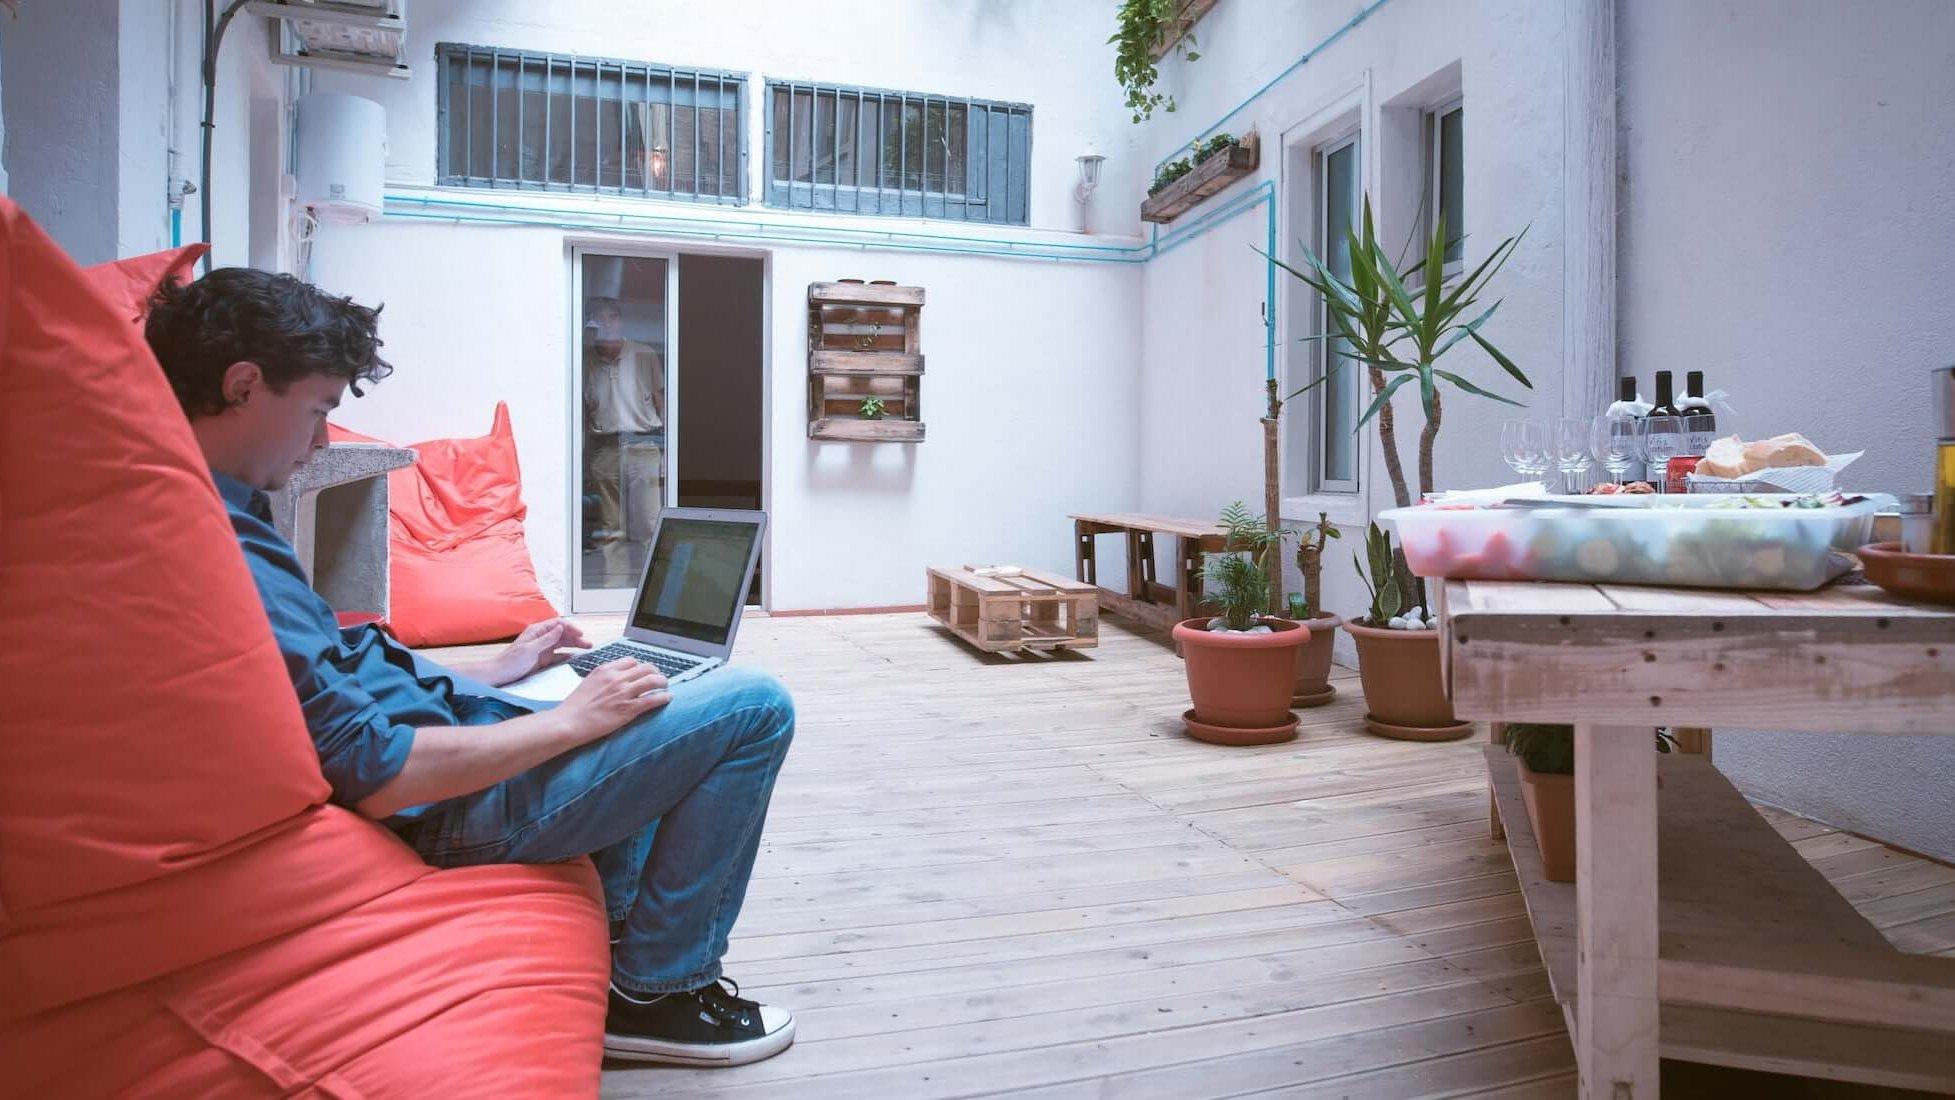 Oficina Virtual en Poble Sec Barcelona